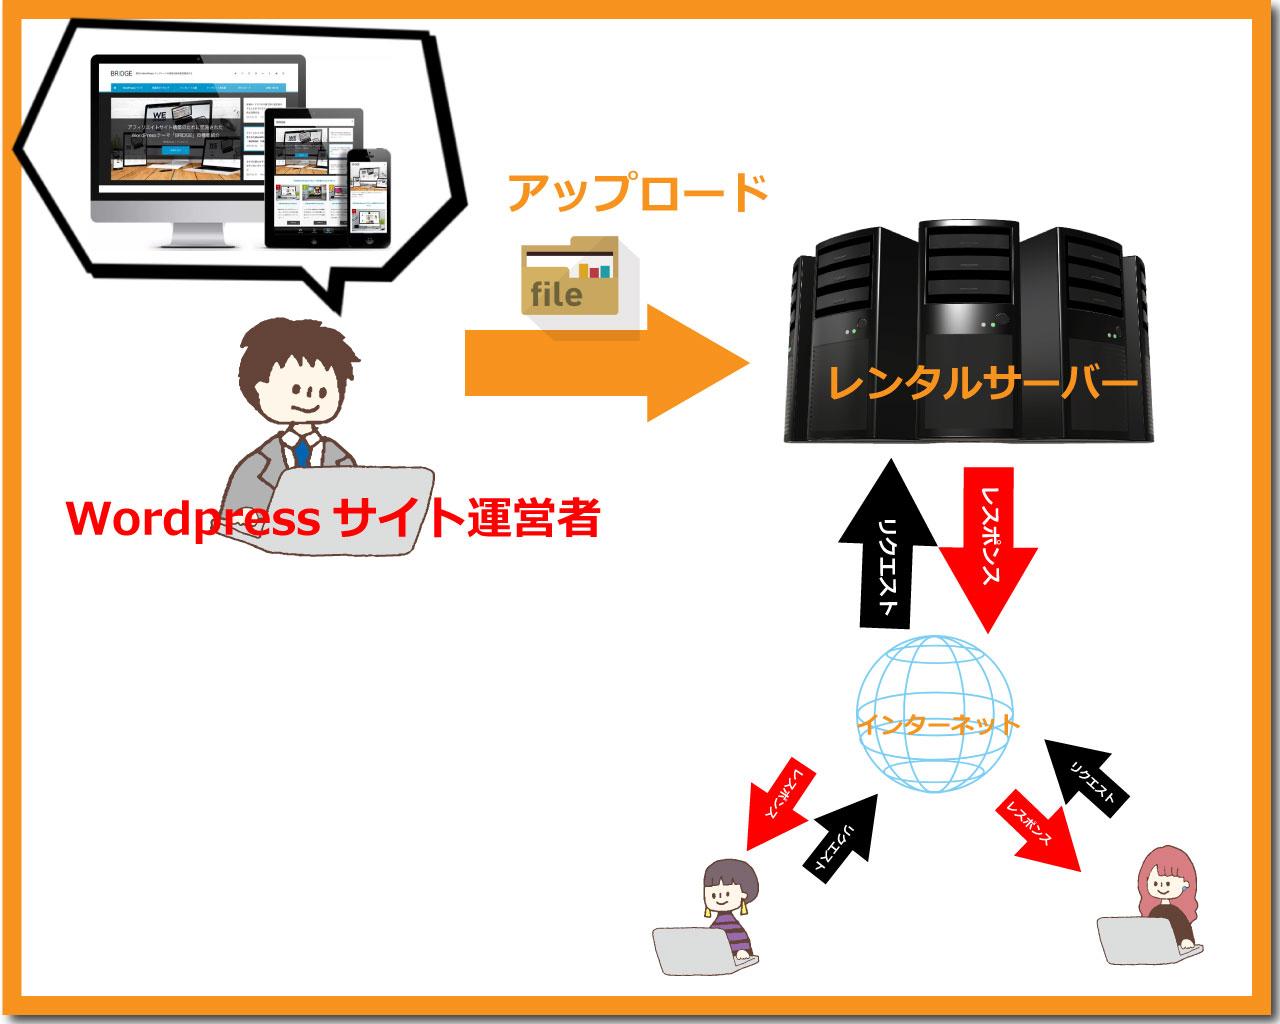 Webサーバーにデータをアップロード